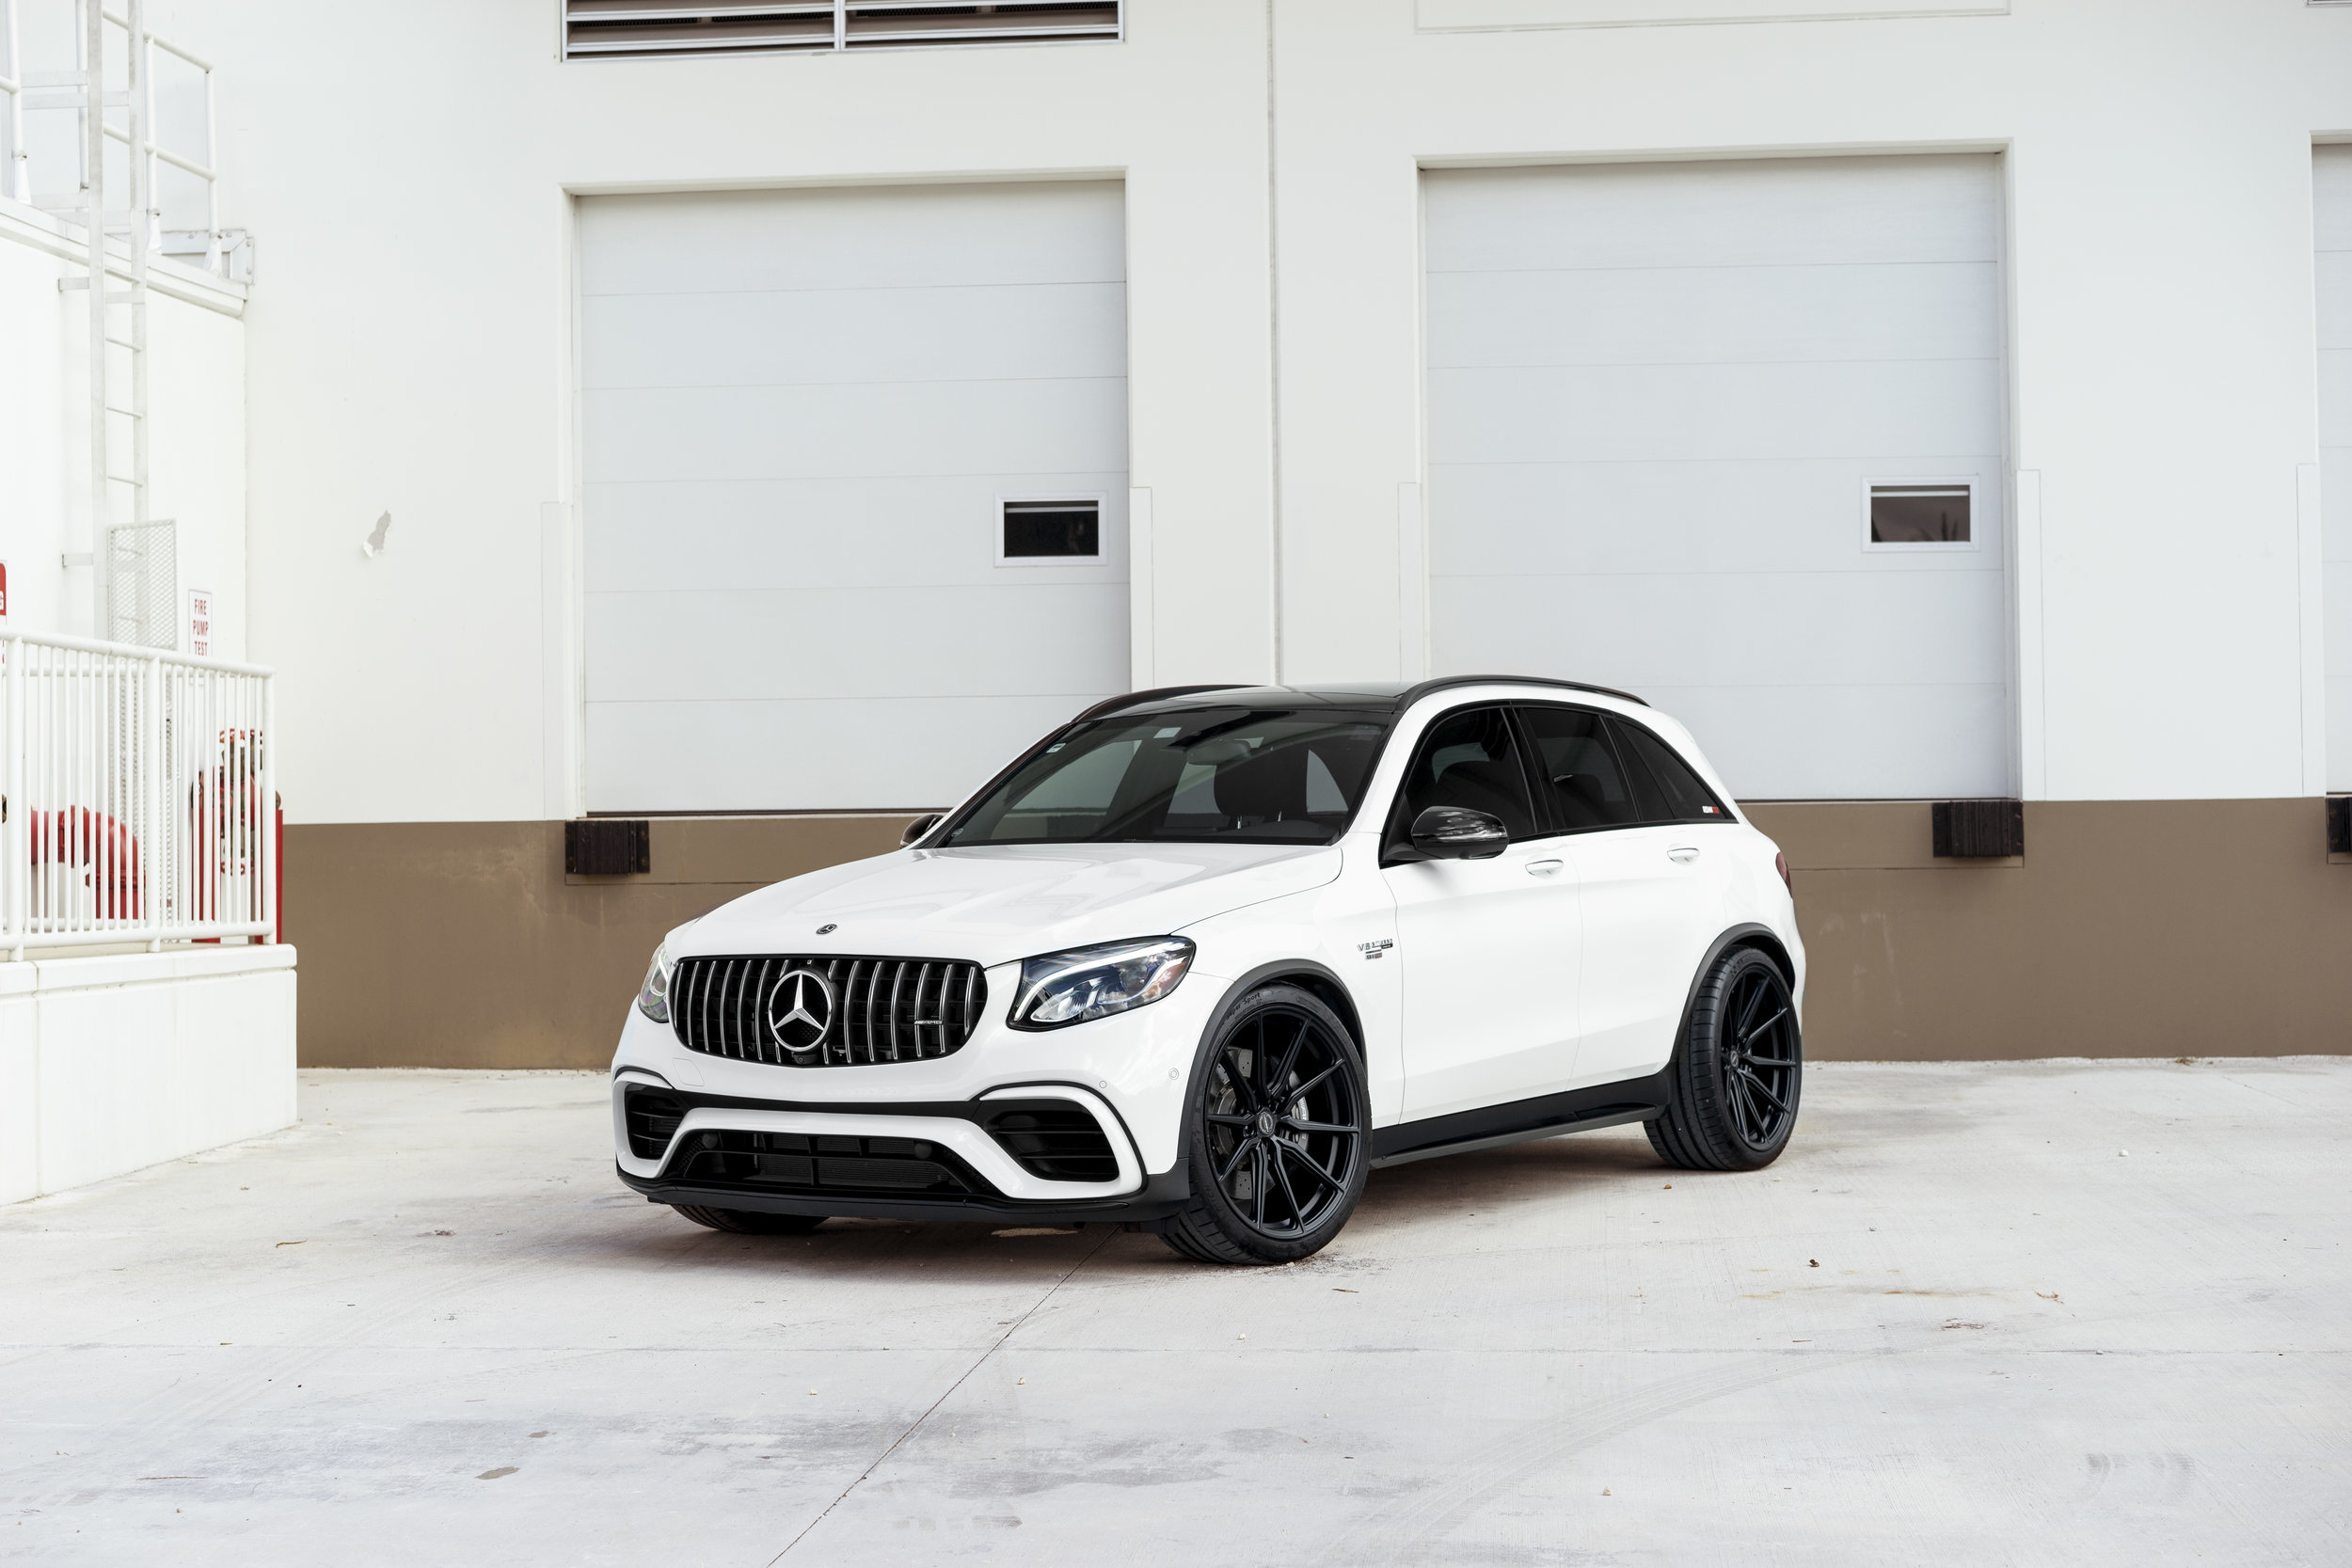 Mercedes-Benz GLE63 - Hybrid Forged - HF-3 - © Vossen Wheels 2019 -1002.jpg